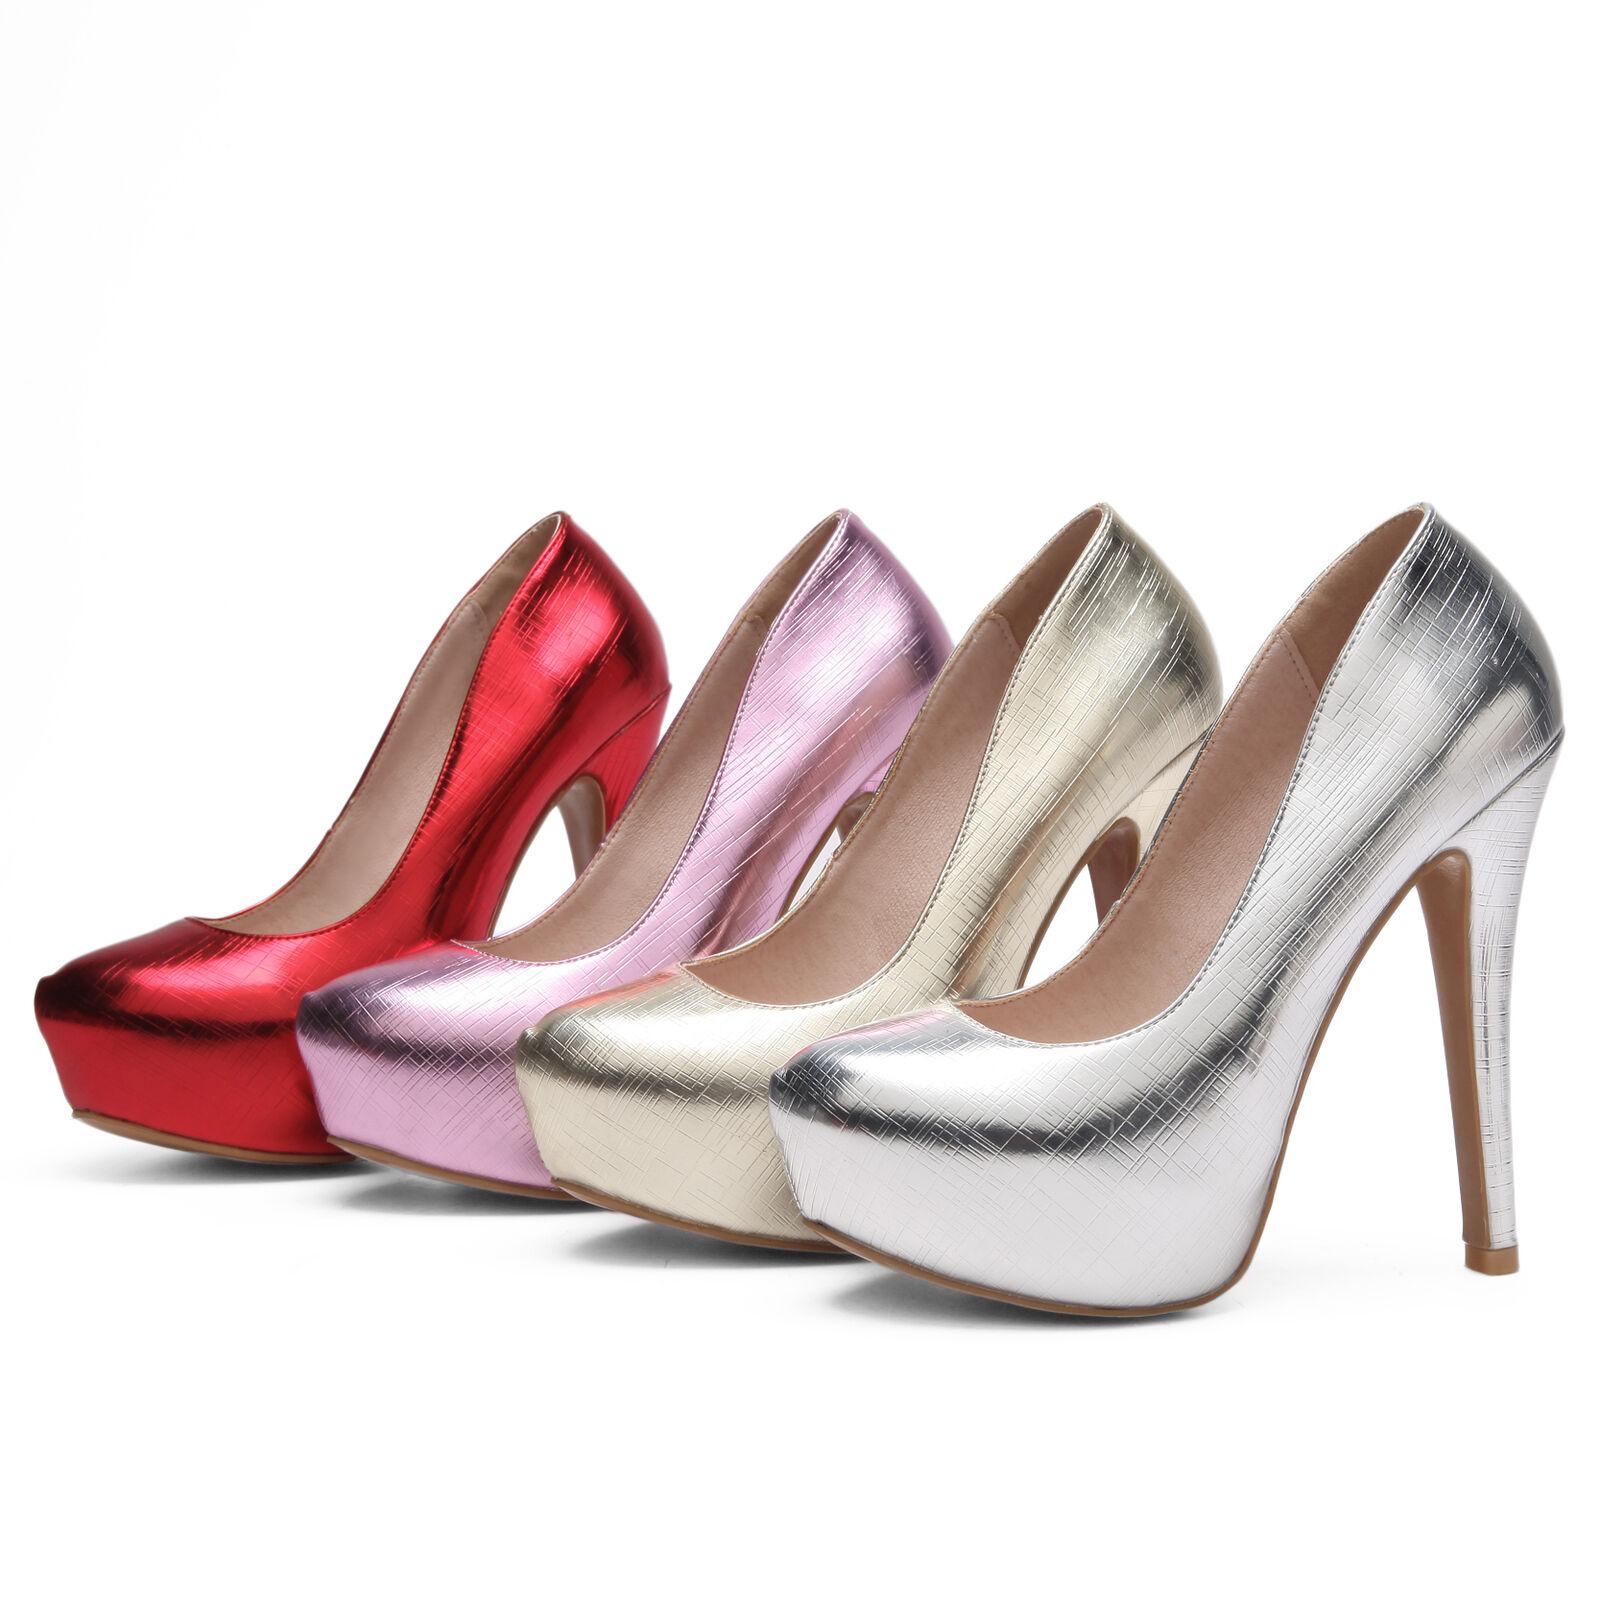 Para Mujer Zapatos Tacón Tacón Tacón Muy Alto de Fiesta Bombas de plataforma de Cuero Sintético Talla EE. UU. 3  14  con 60% de descuento